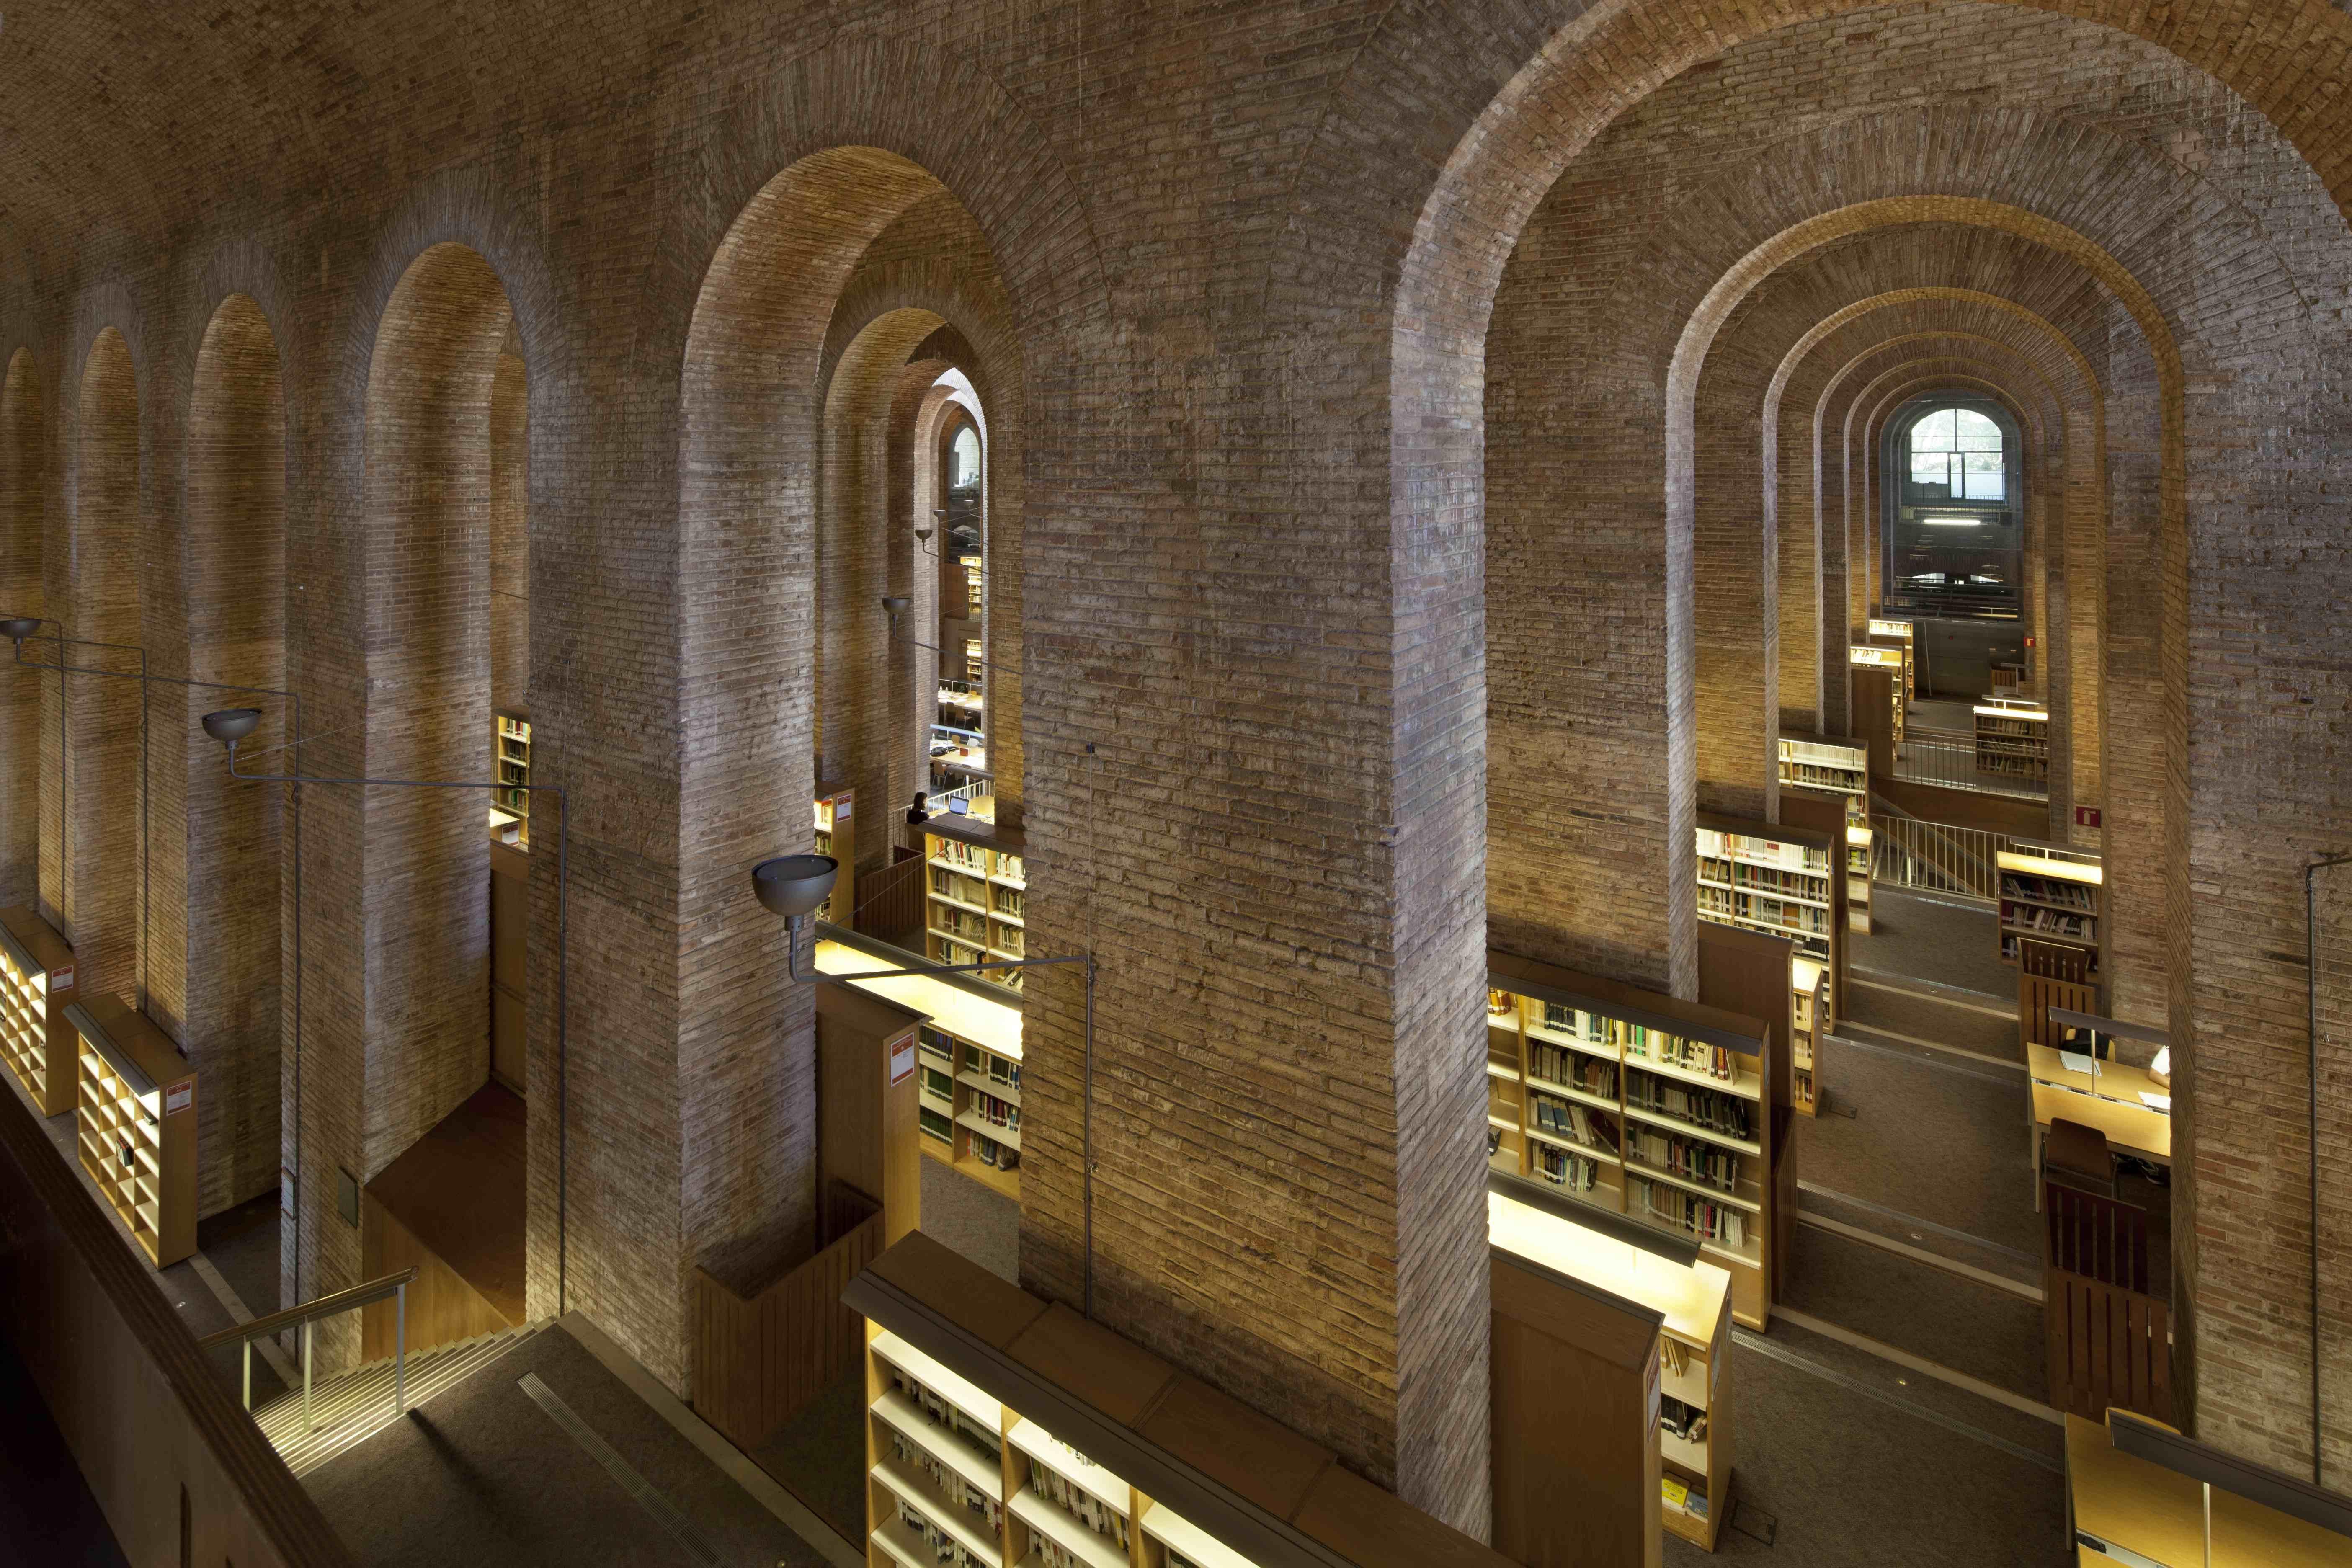 Университет Помпеу Фабра в Барселоне: поступление, обучение, преимущества